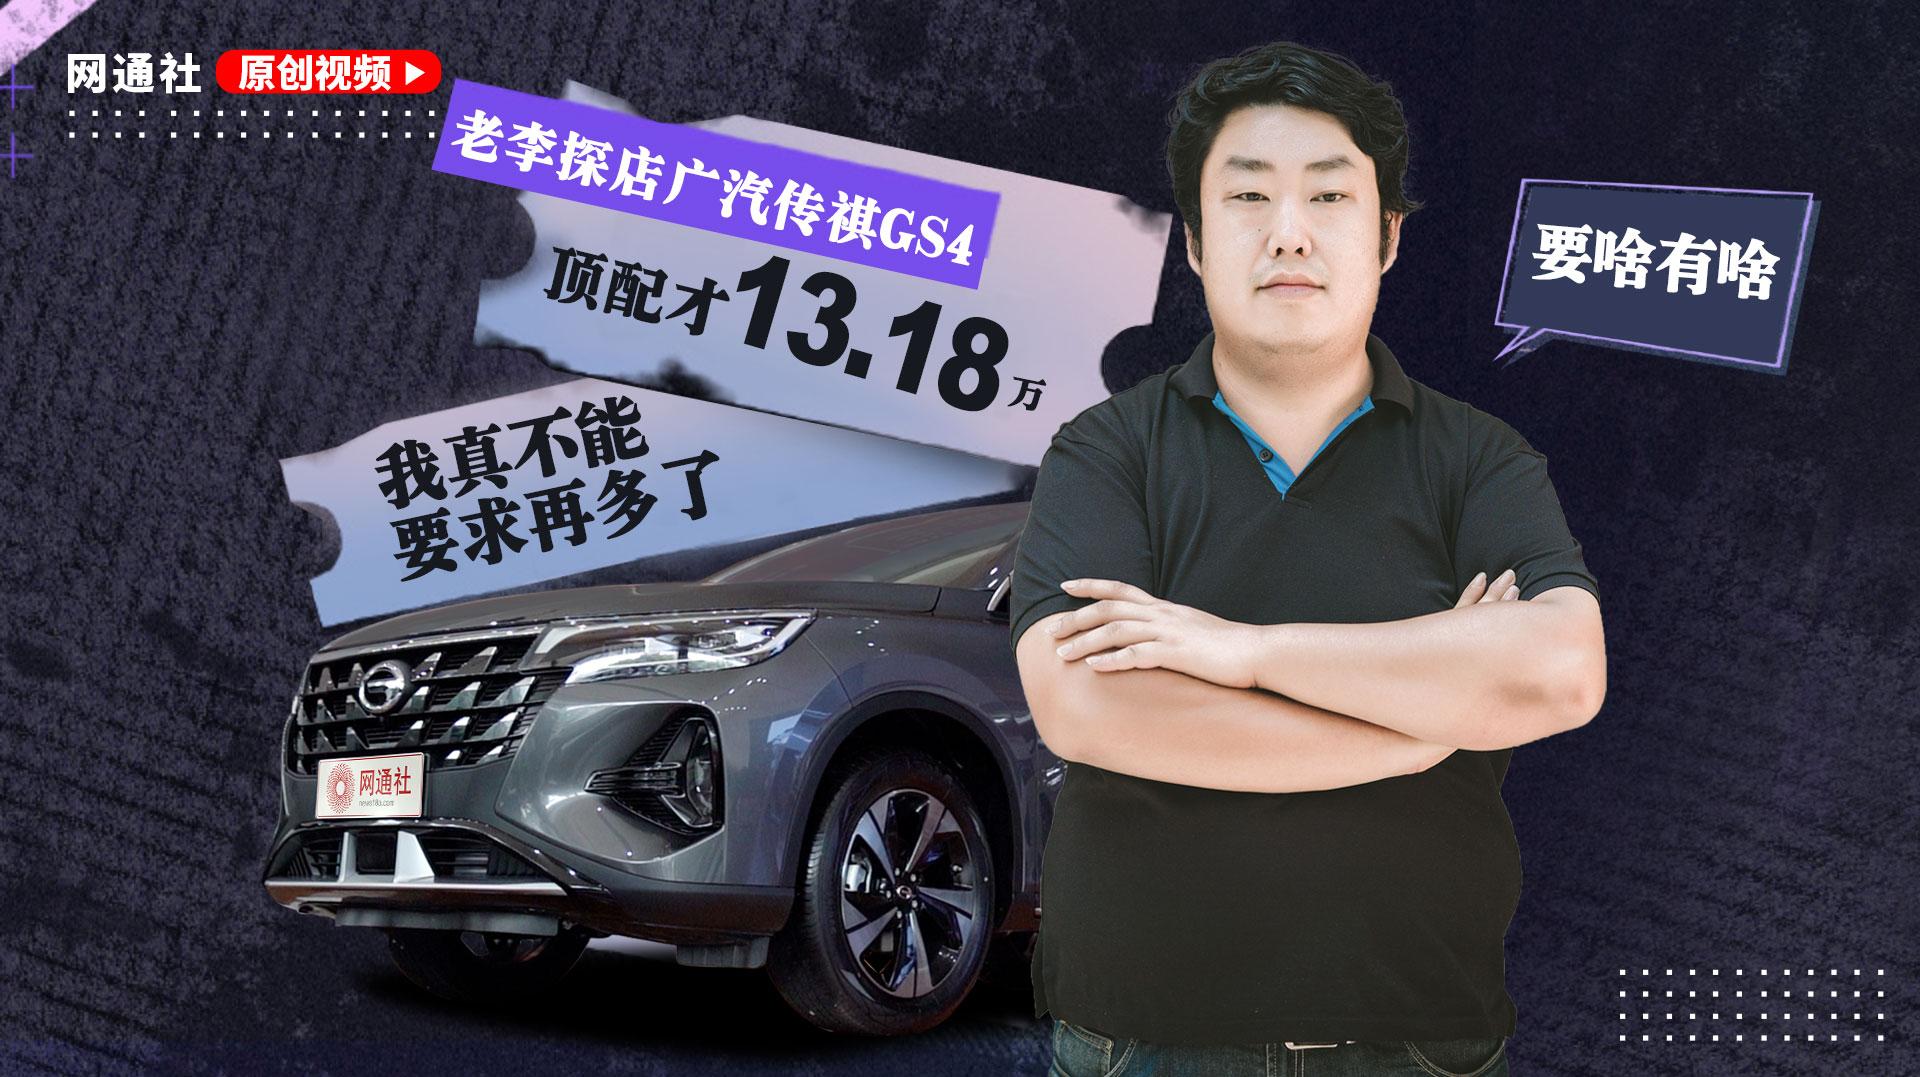 老李探店广汽传祺GS4顶配才13.18万